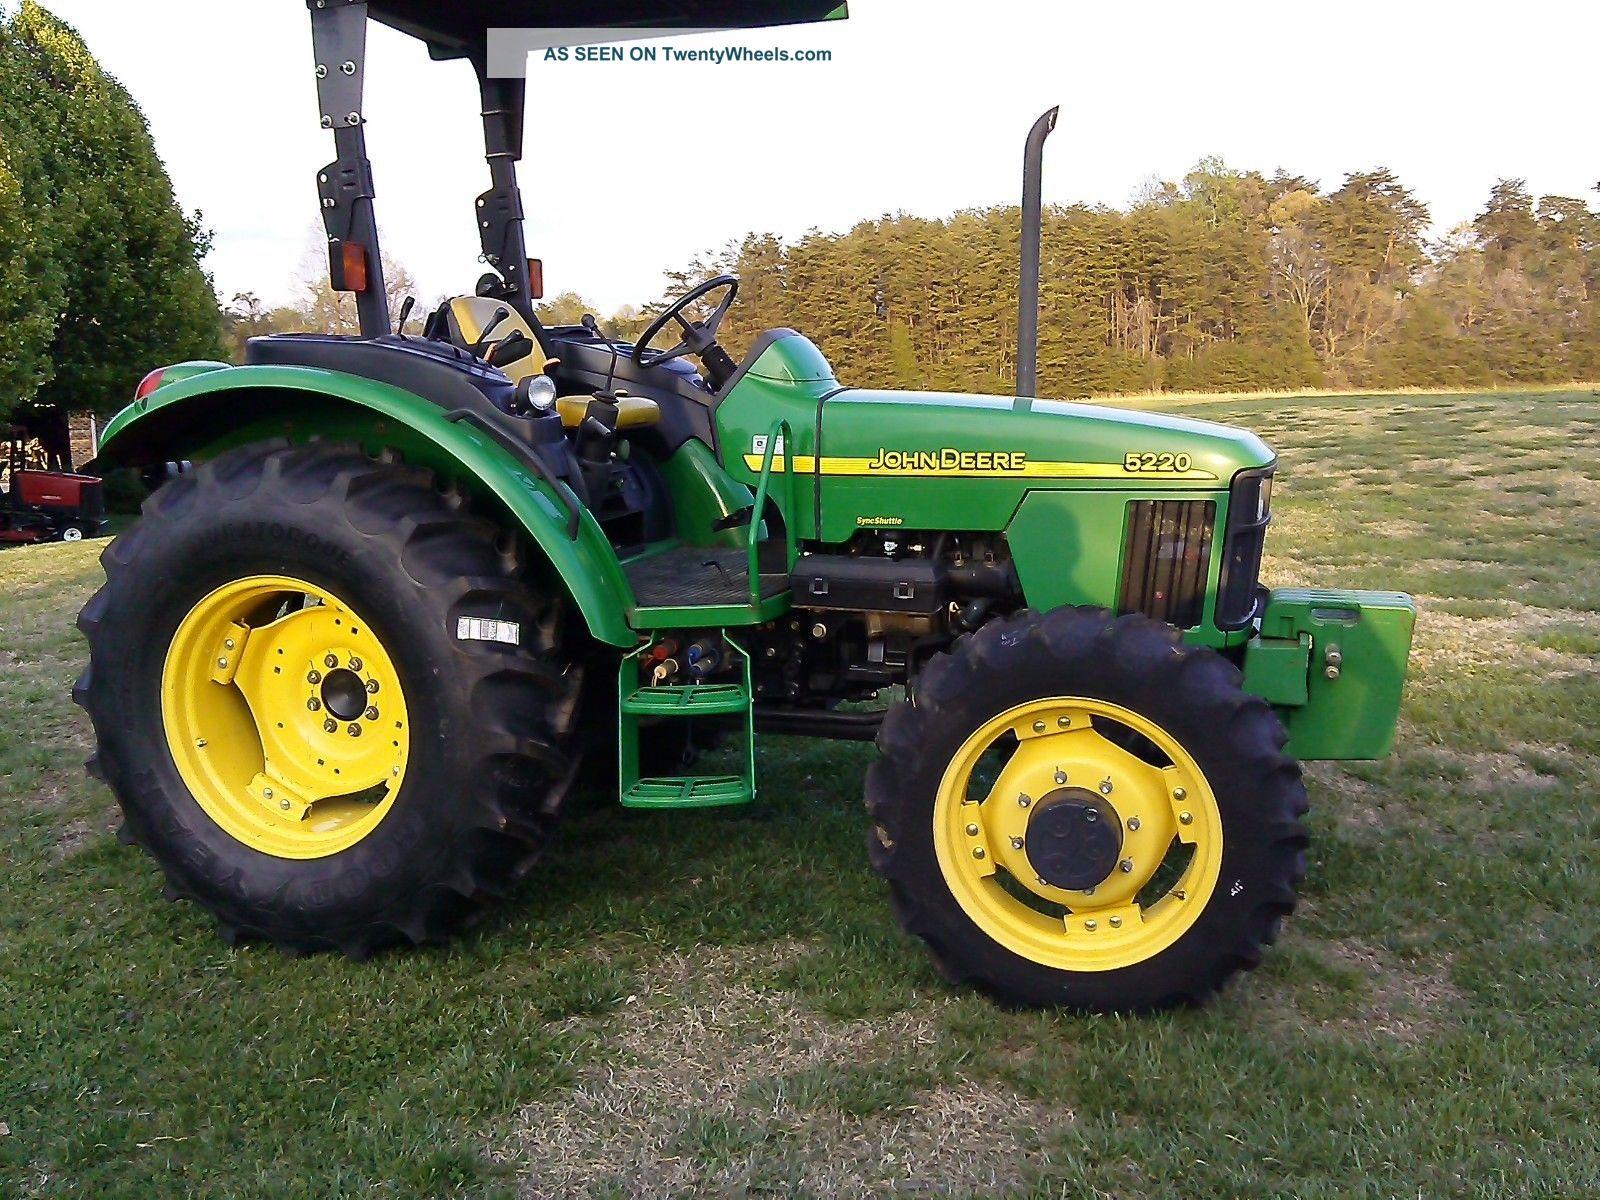 John Deere 5220 4x4 Tractor